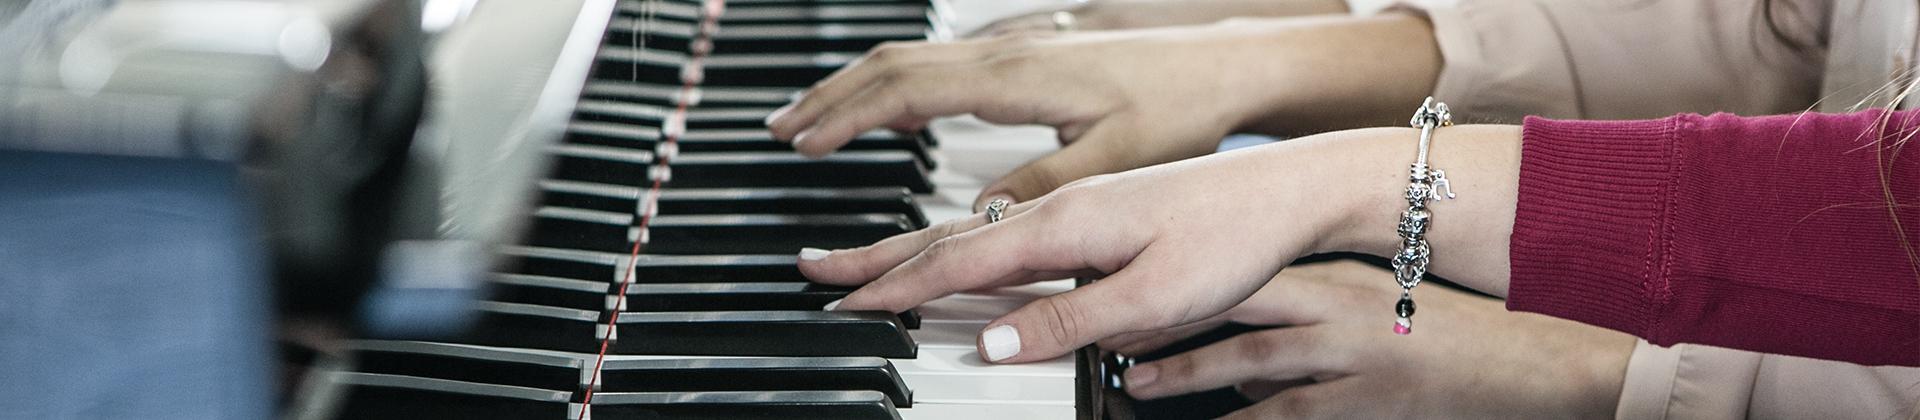 חינוך מוזיקלי